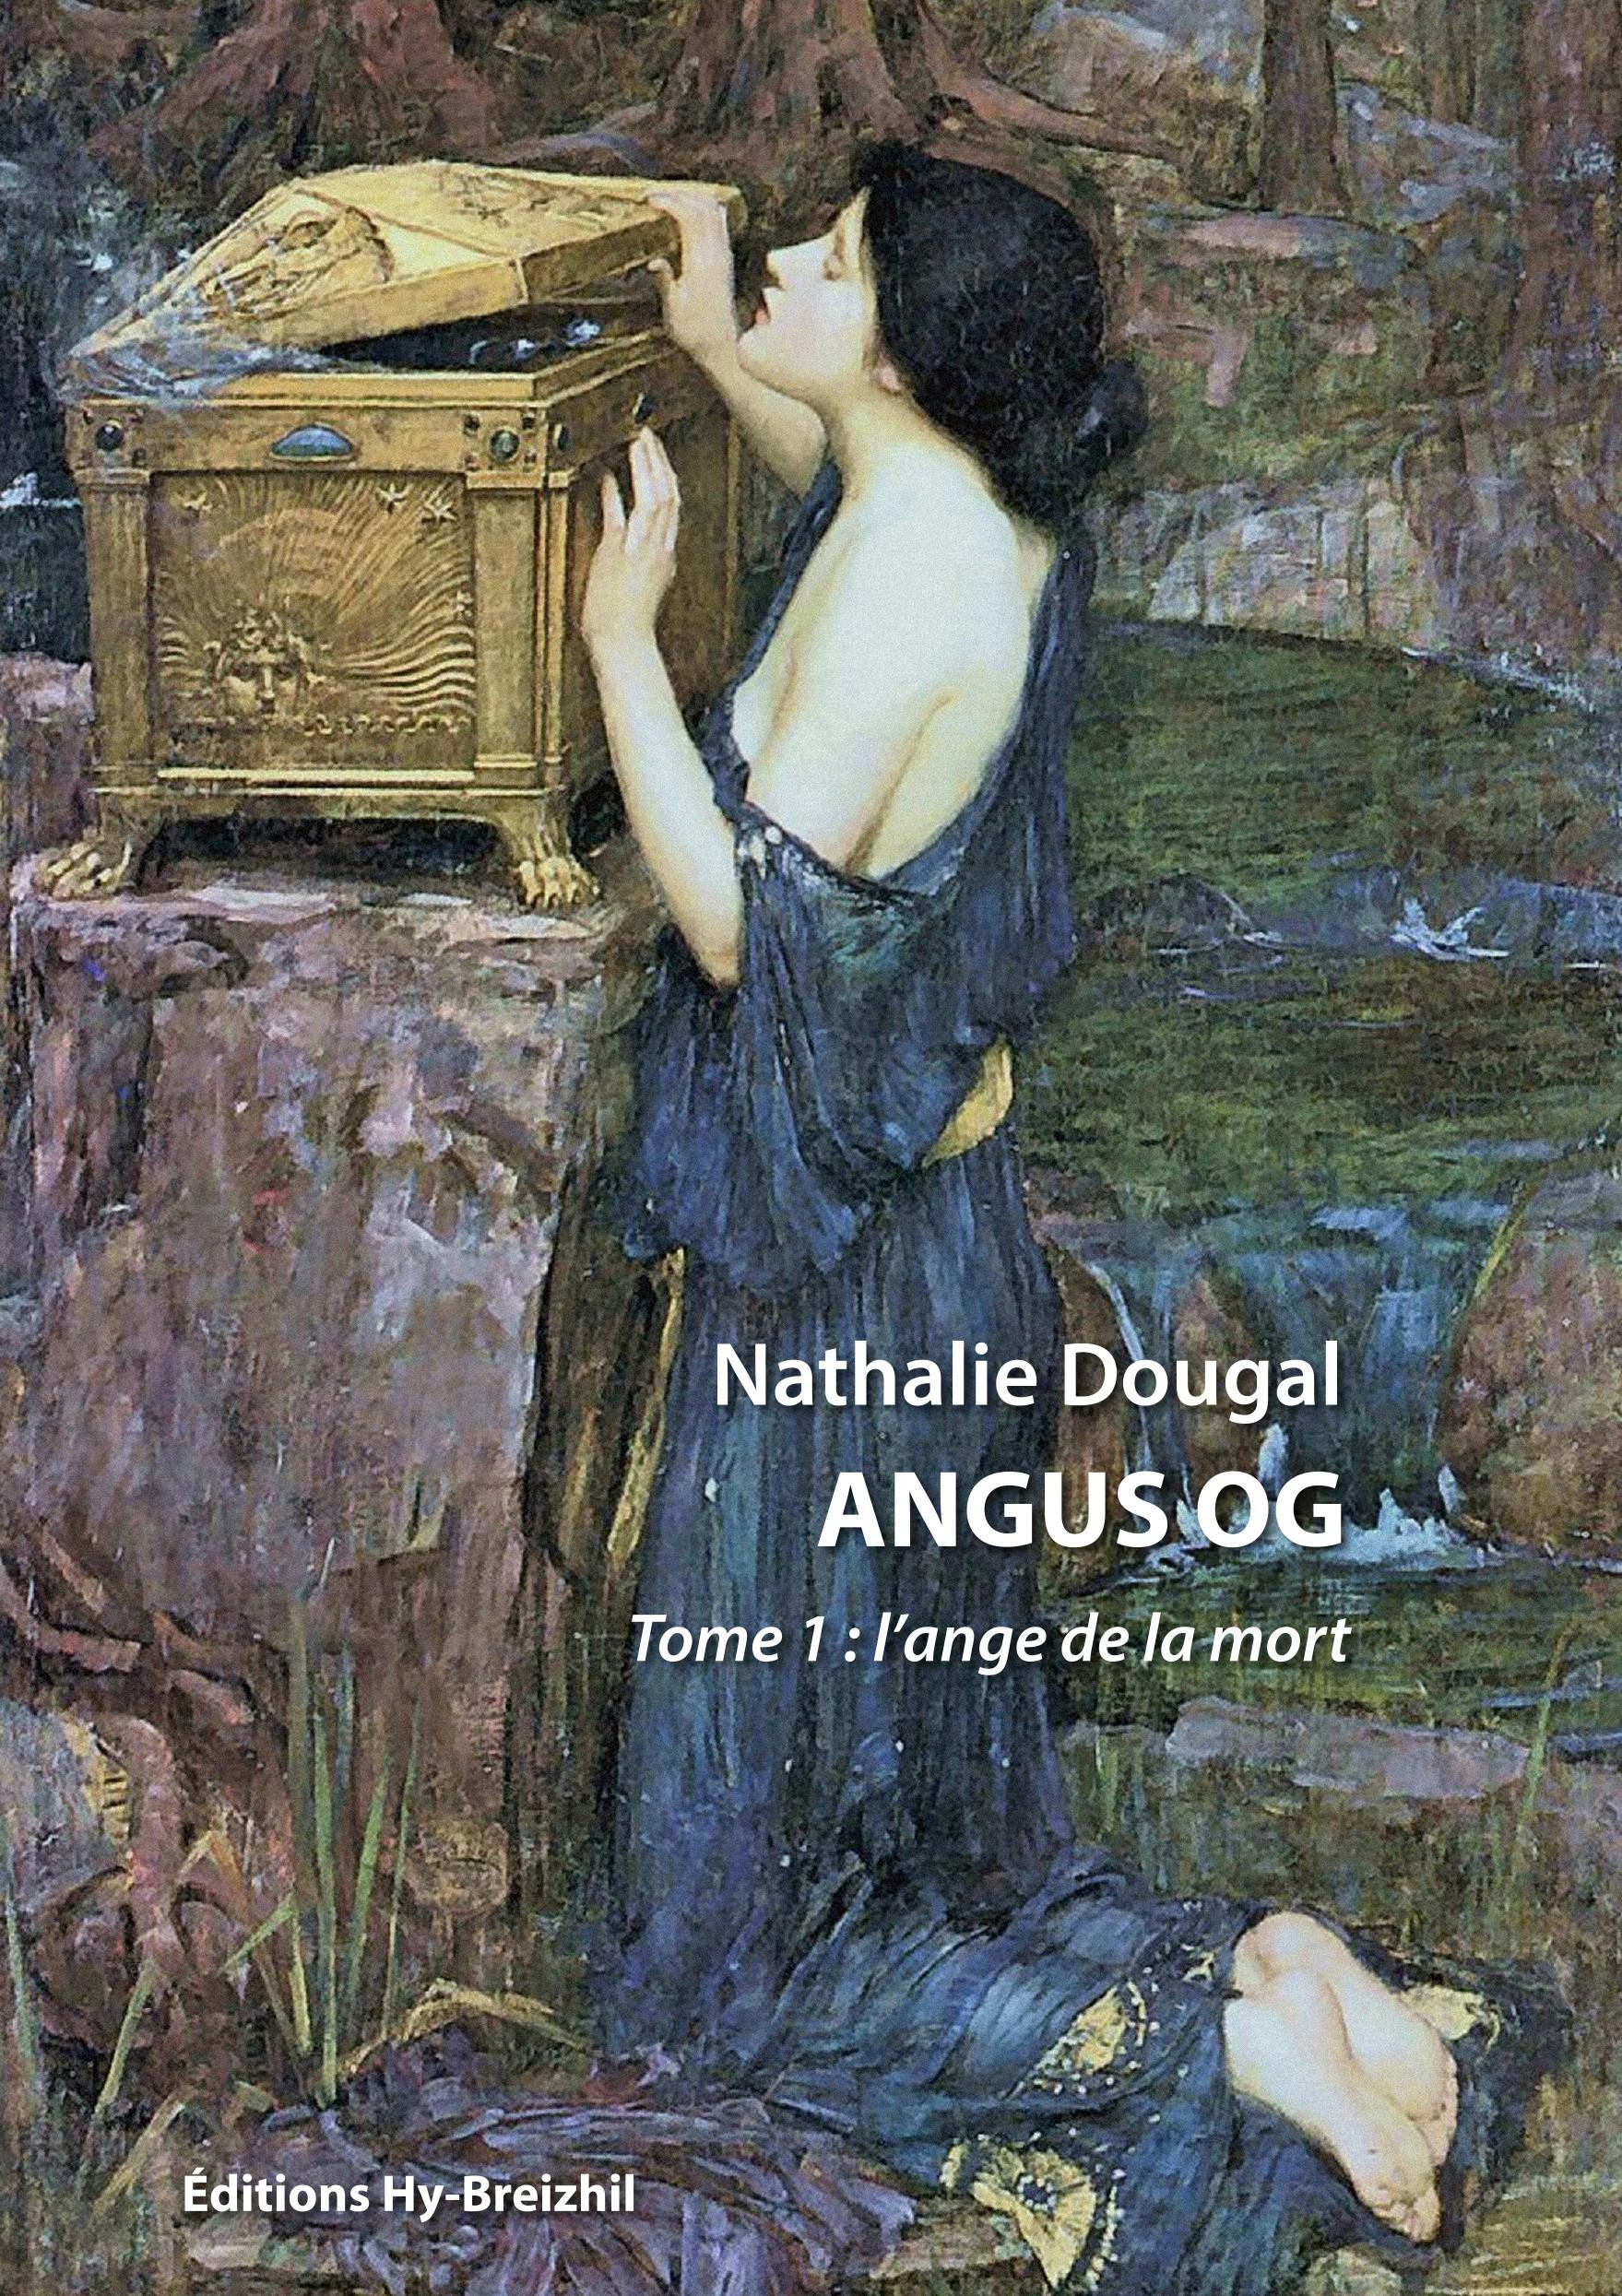 Nathalie DOUGAL - Angus OG : l'ange de la mort